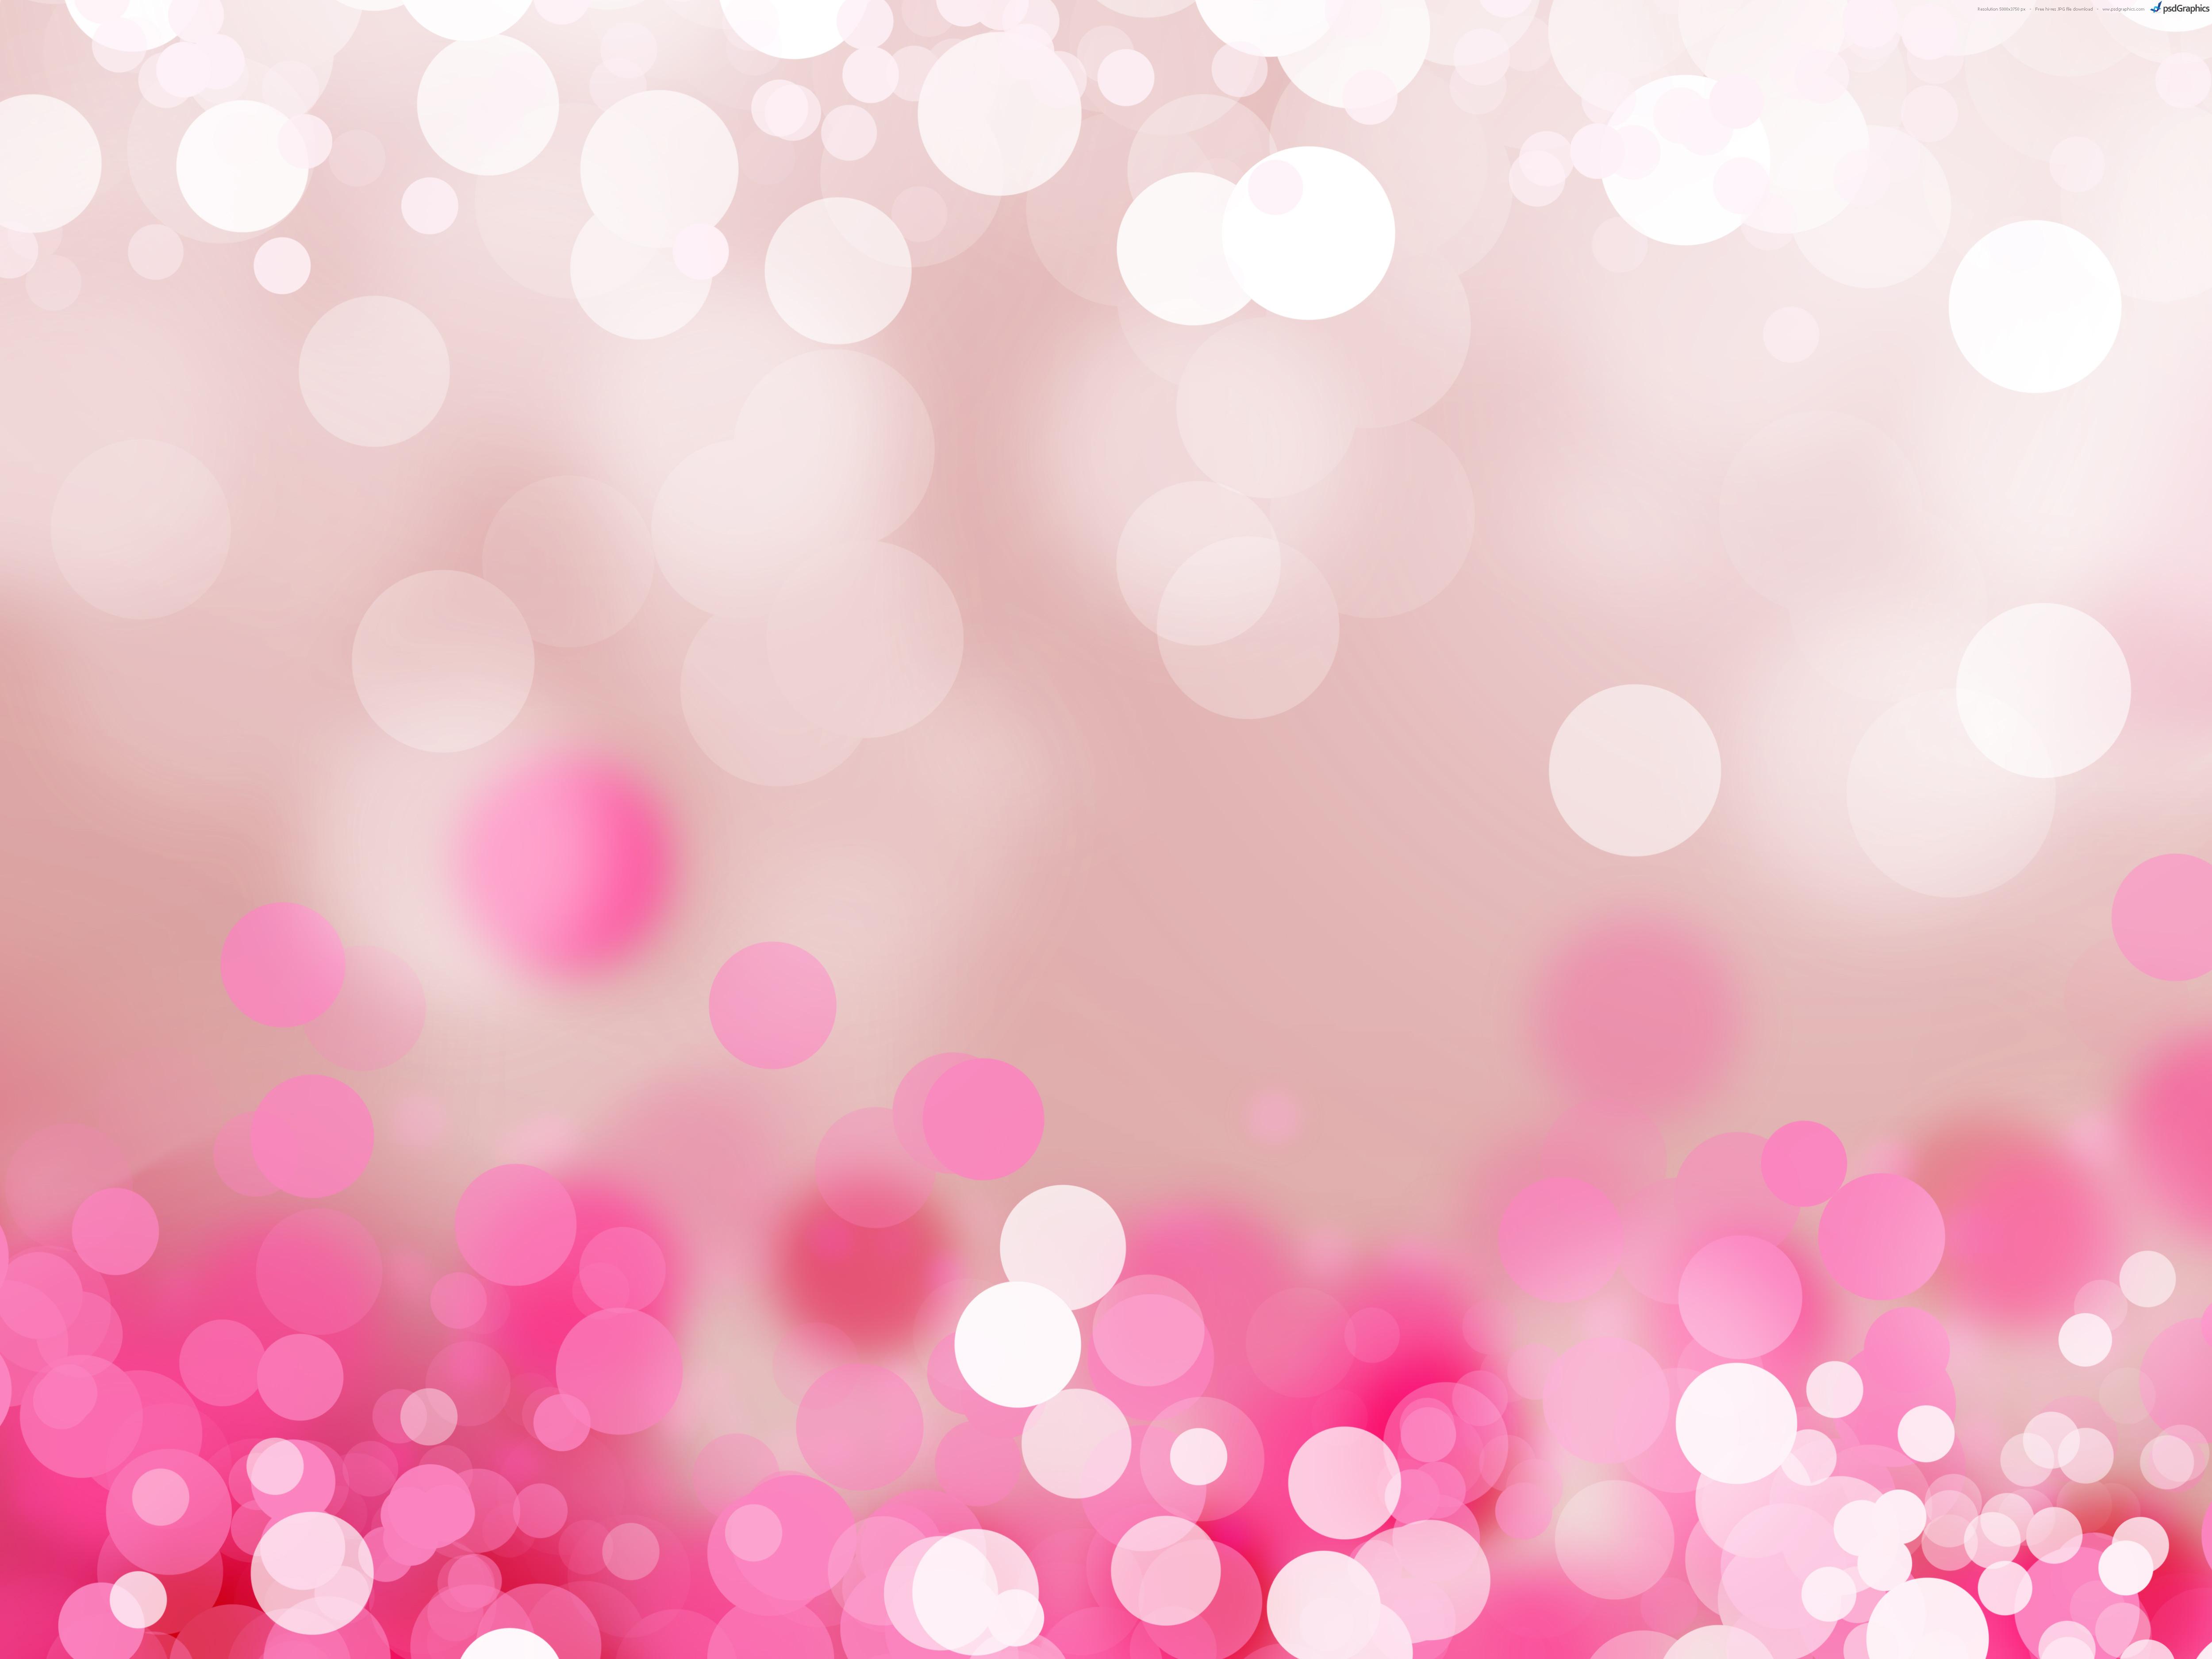 Light Pink Backgrounds wallpaper wallpaper hd background desktop 5000x3750